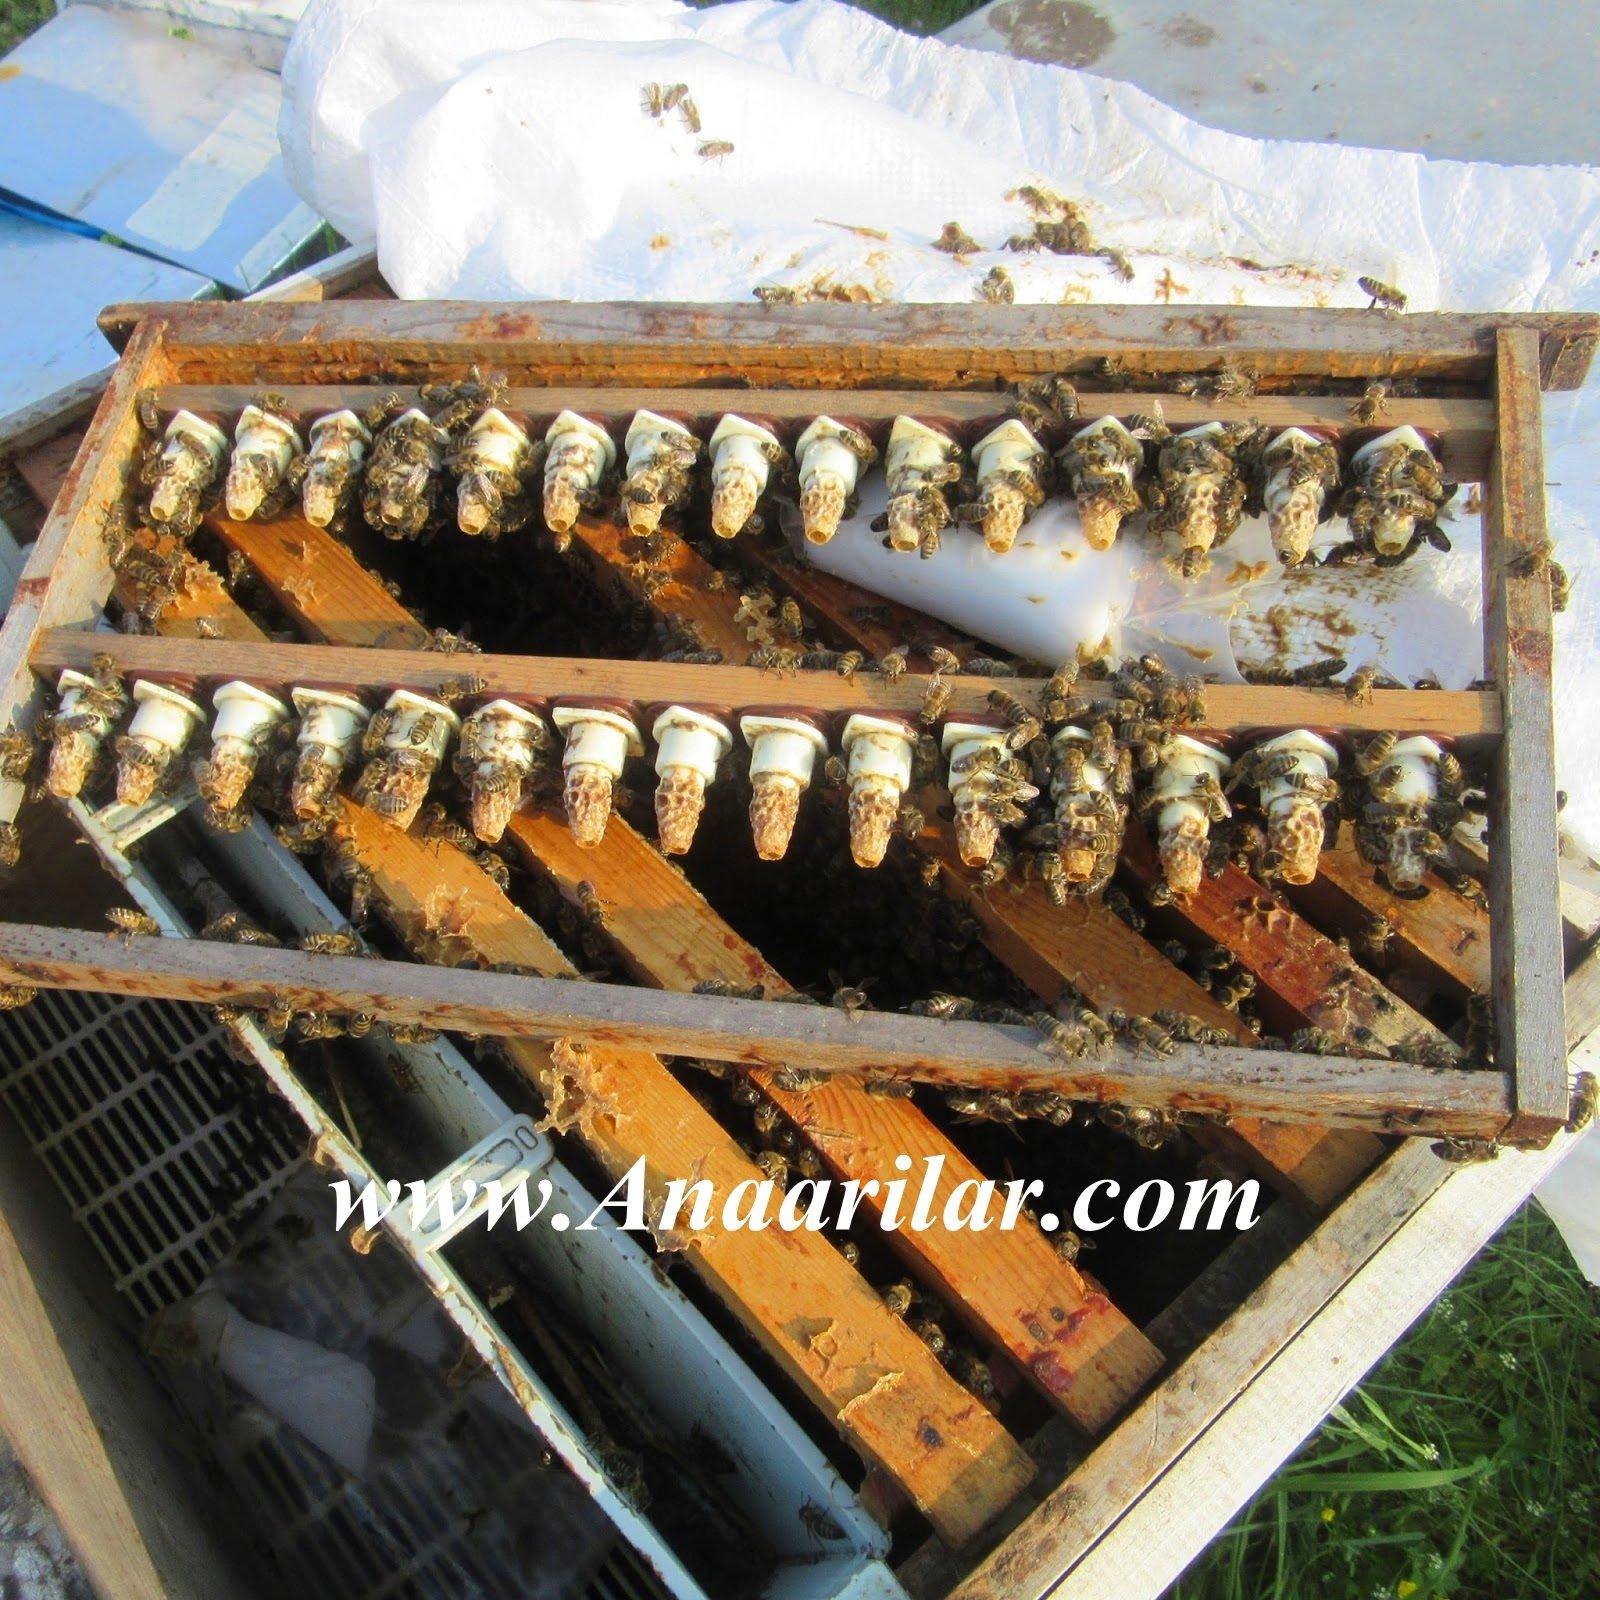 ana arı uretımı